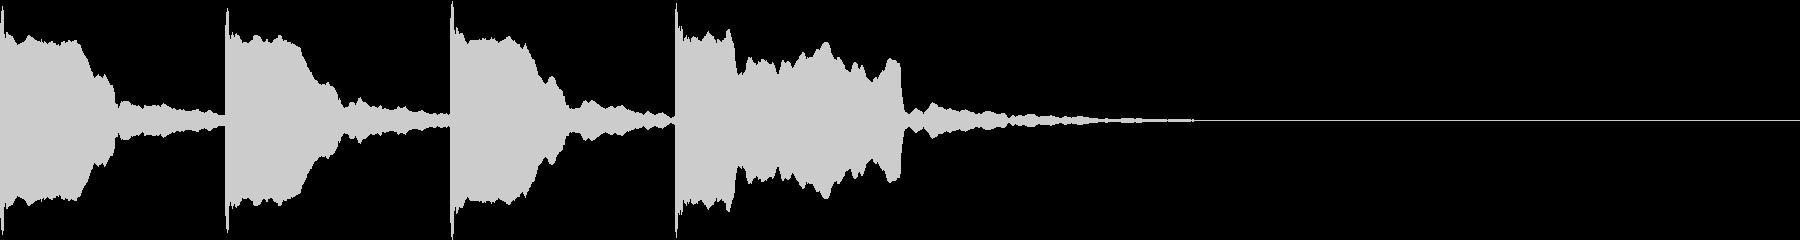 レーススタート合図7 カウントダウンの未再生の波形